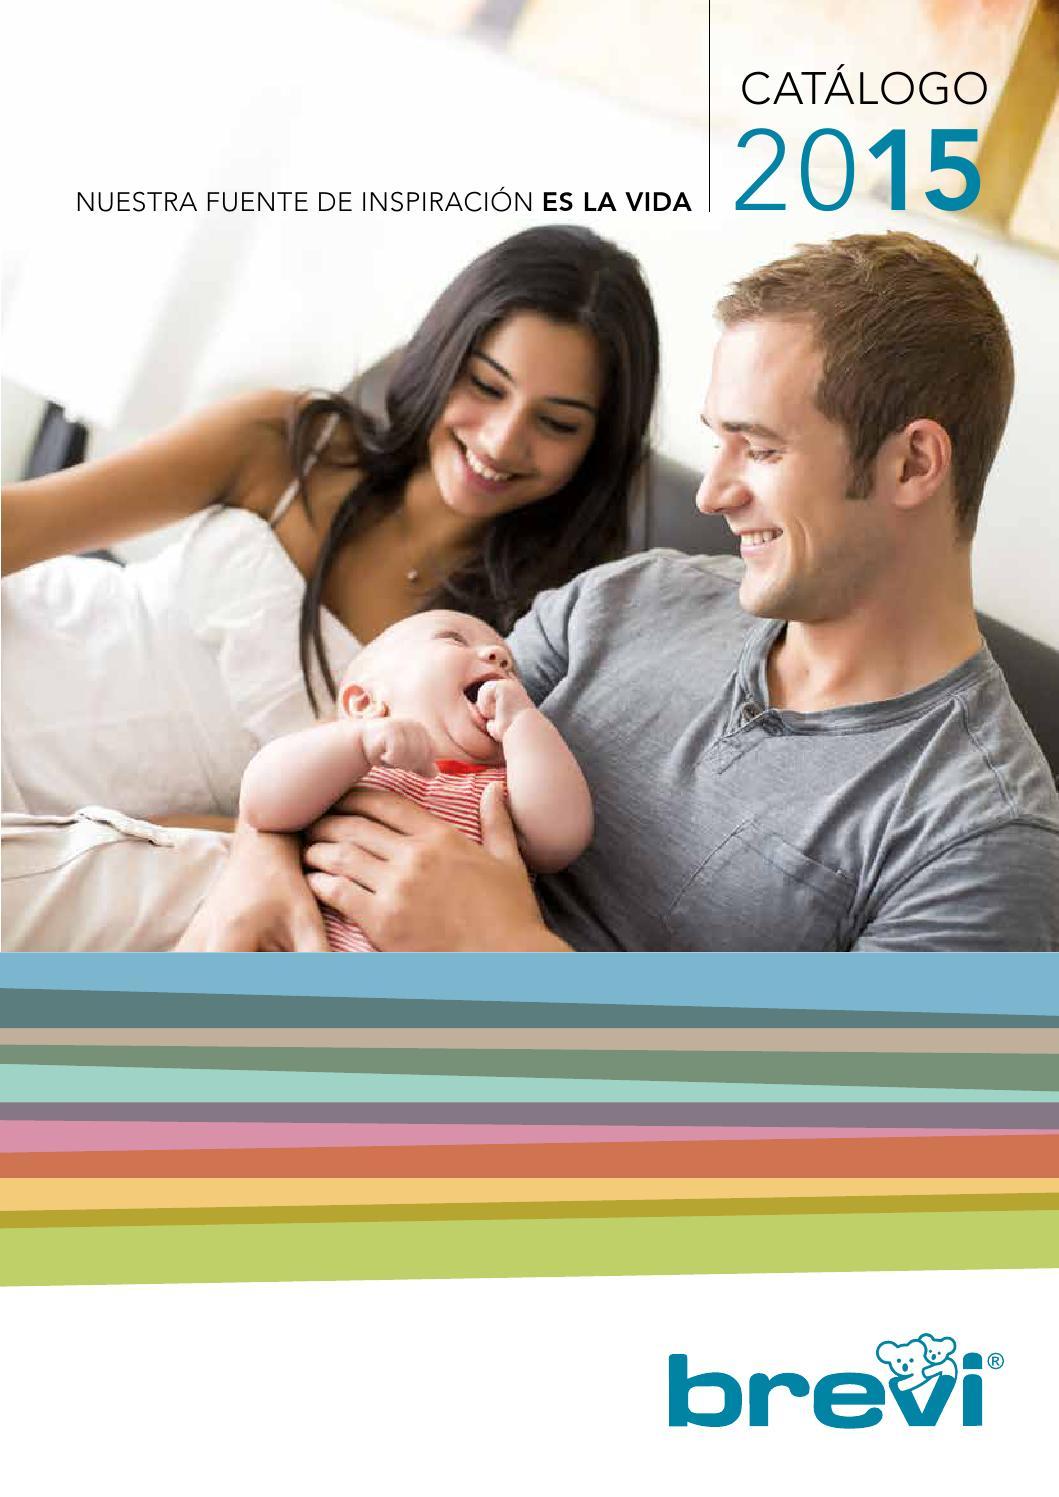 Fijación BXS-213 Bebé Asiento de Coche Grupo 0,1,2 TUV certificado conforme